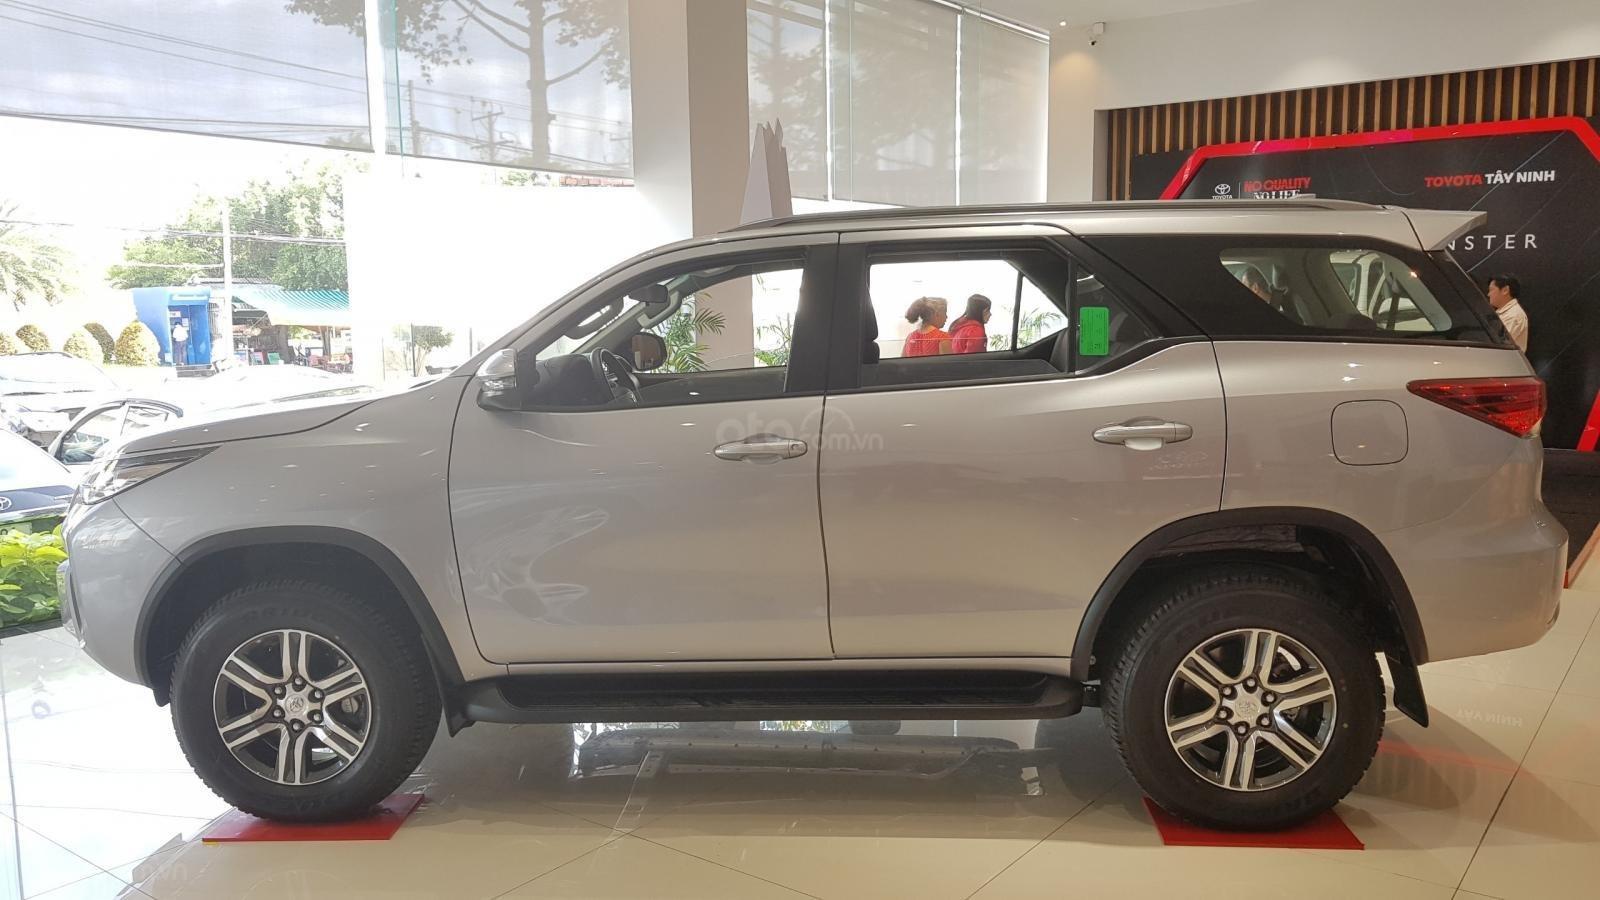 Bán xe Toyota Fortuner 2.4 G đời 2019, khuyến mãi đến 100 triệu, lãi suất 0% (2)